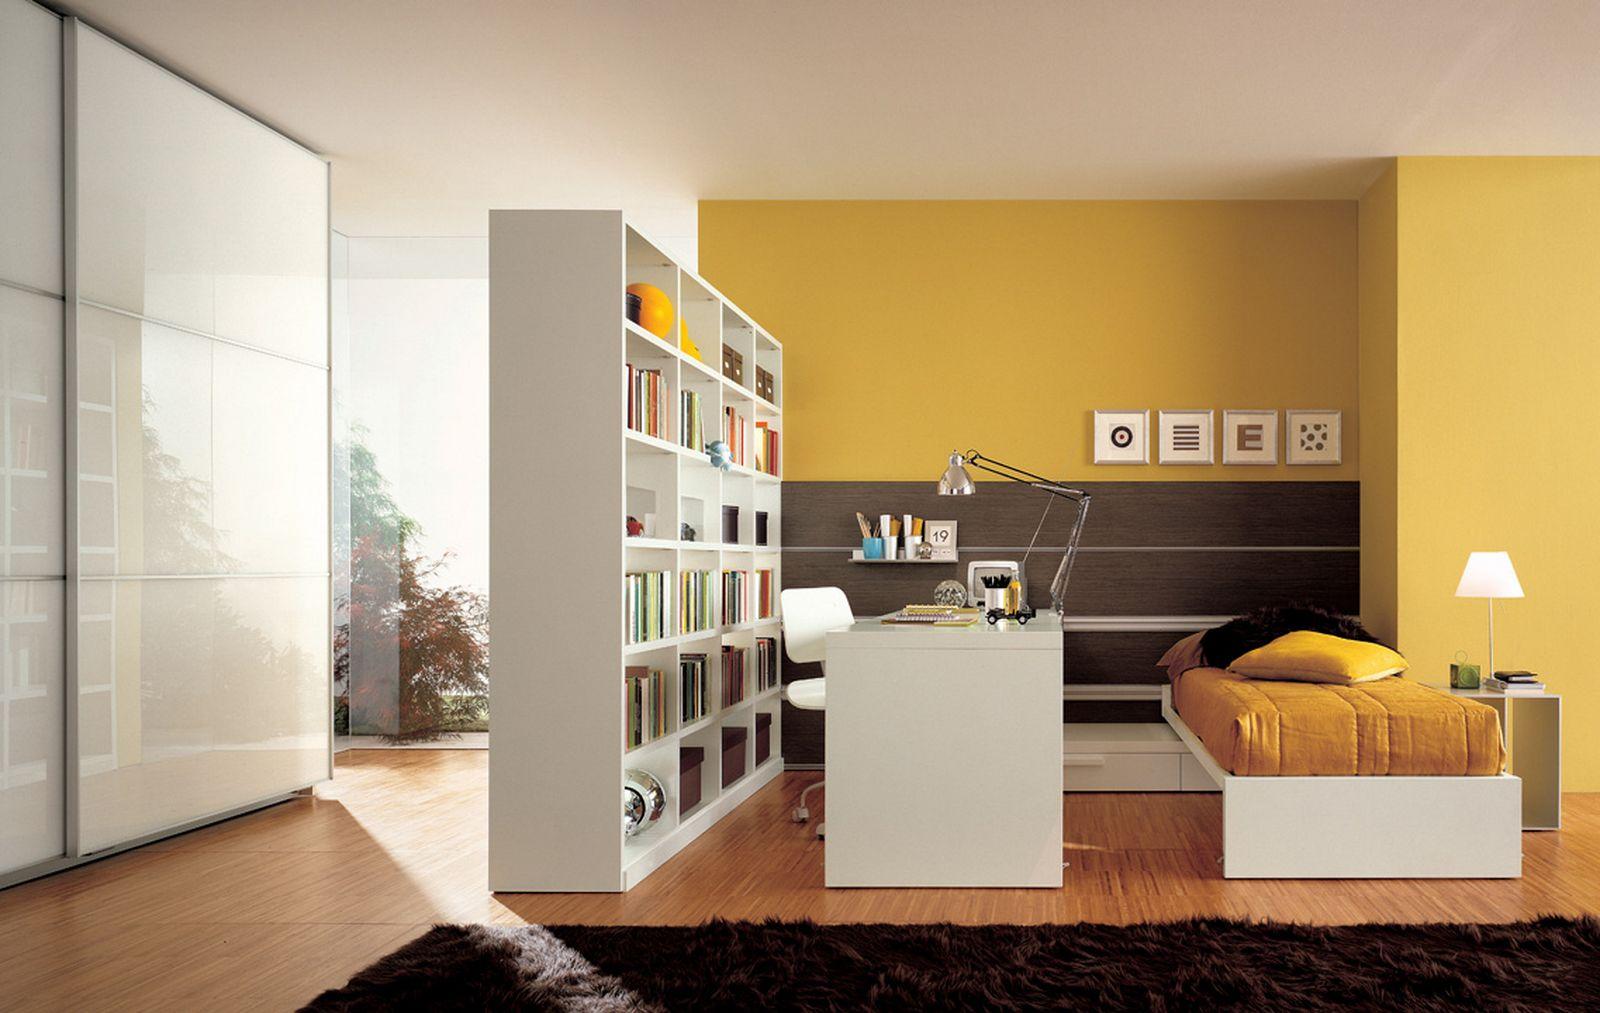 Inspiración y color para la decoración interior | Pinturas El Artista